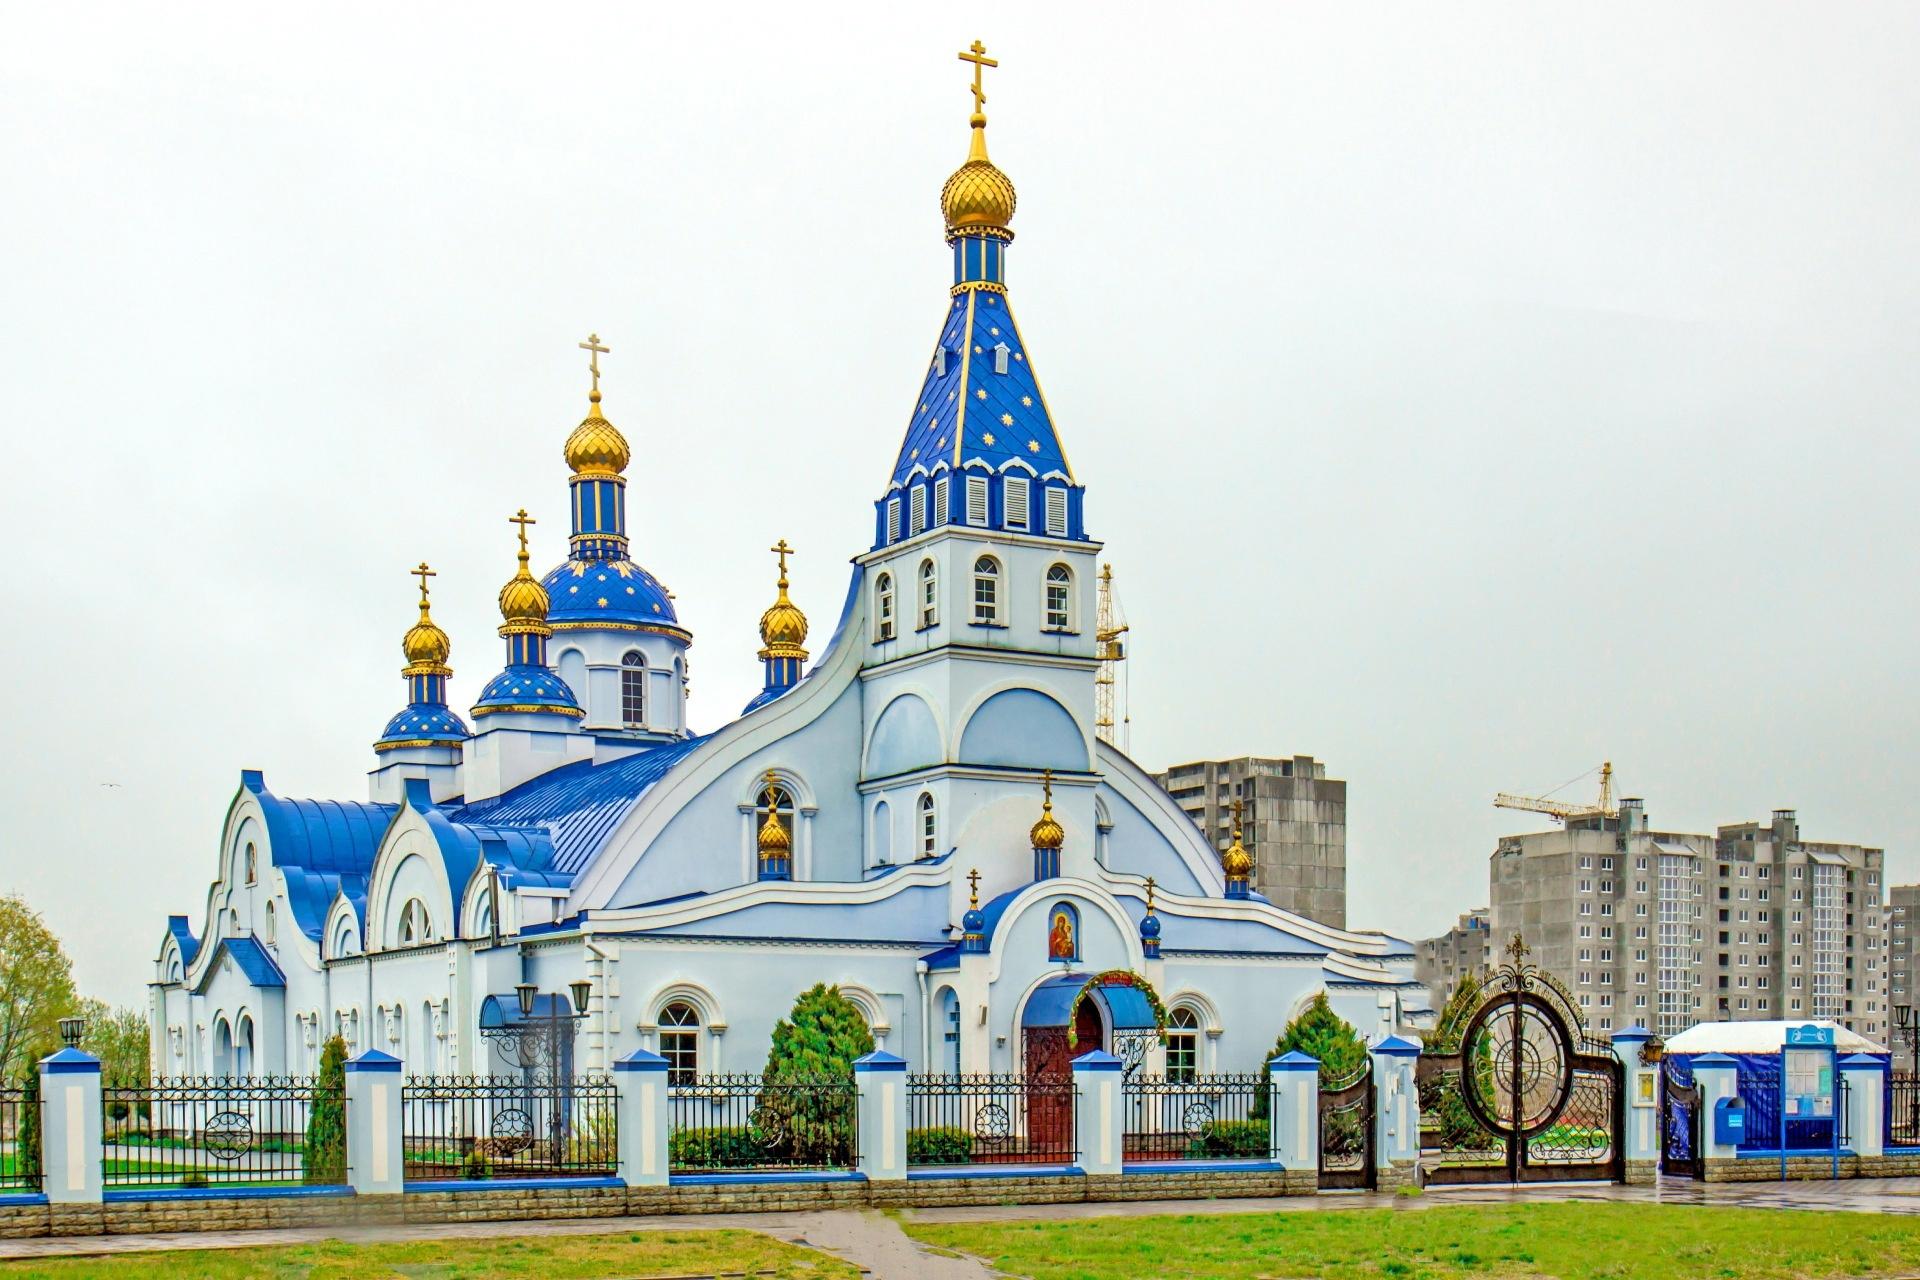 美しい教会のある風景 ベラルーシの風景